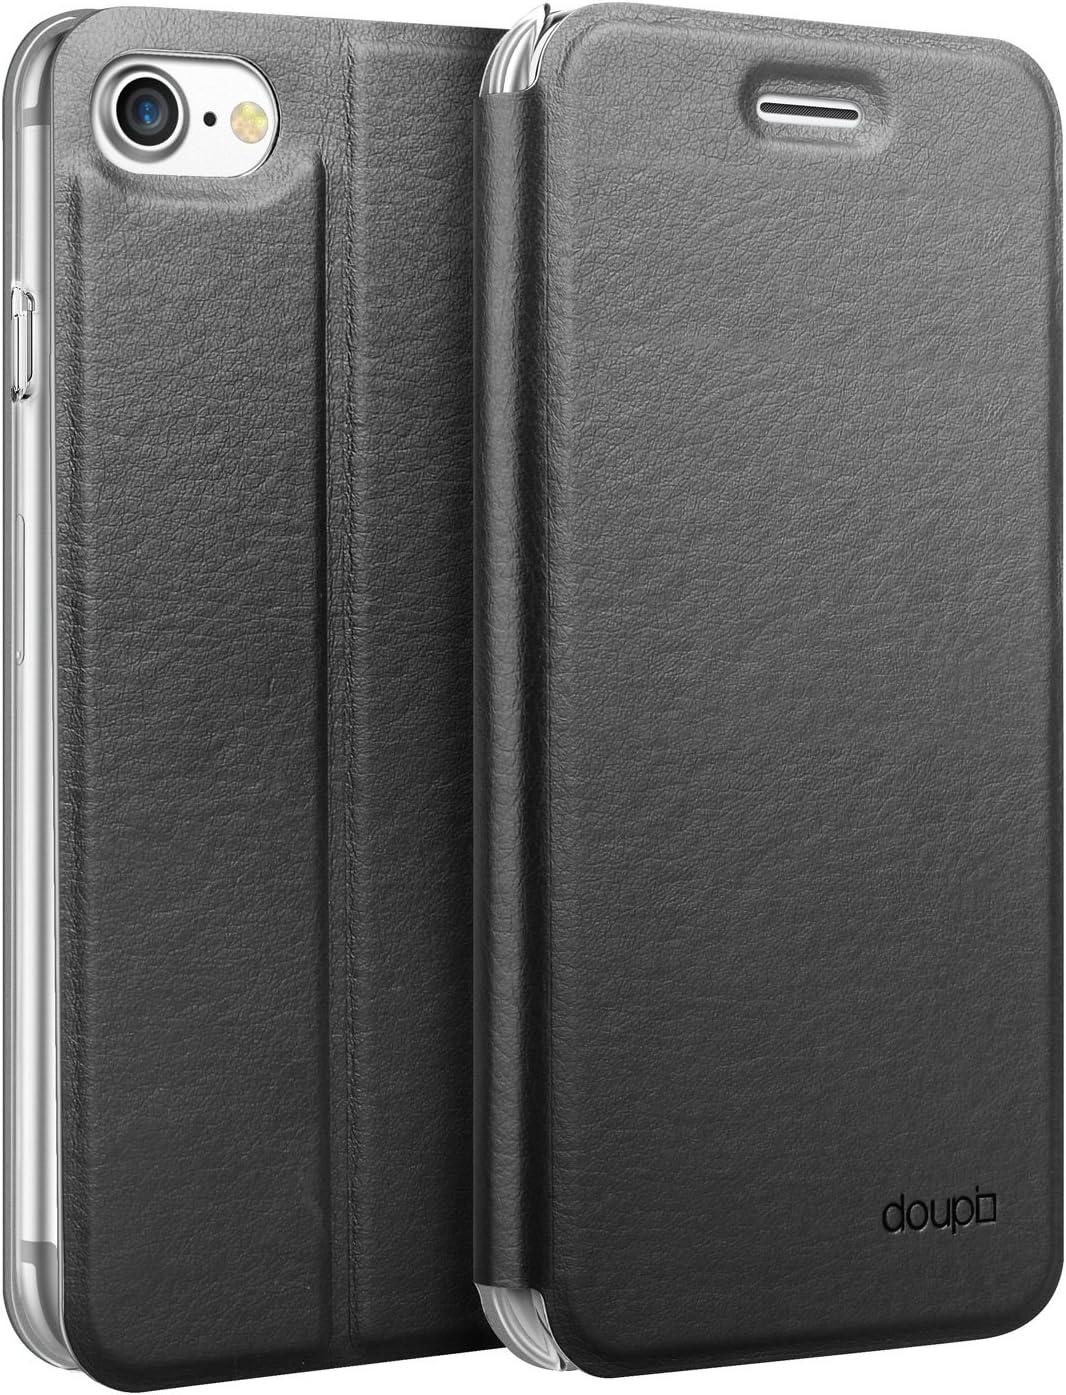 Doupi Flip Case Für Iphone Se Iphone 8 Computer Zubehör